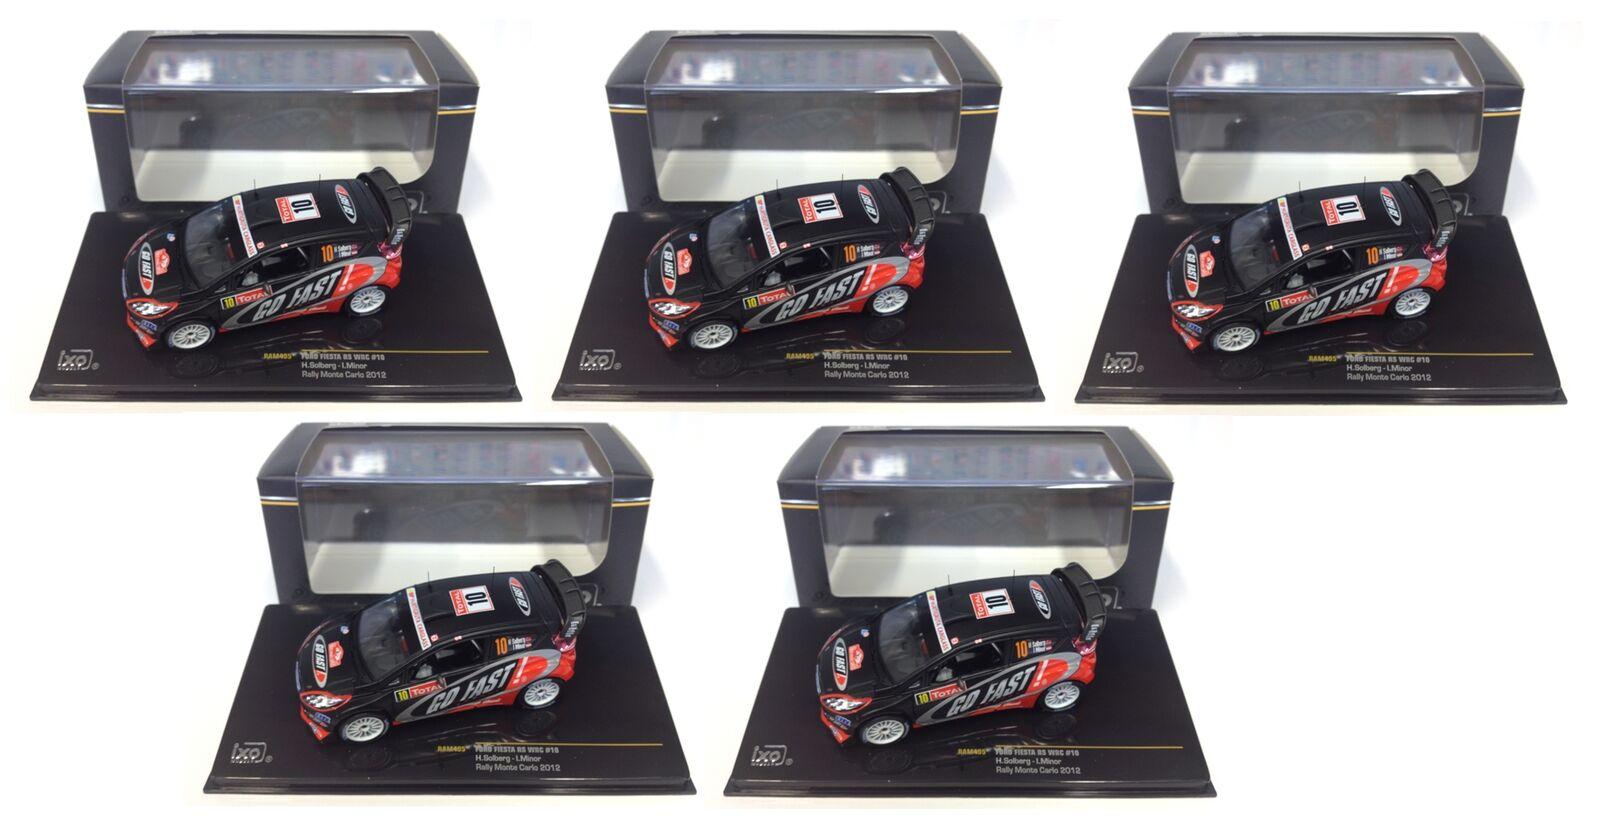 LOT REVENDEUR DE 5 FORD FIESTA RS WRC RALLYE 1 43 VOITURE DIECAST IXO RAM495